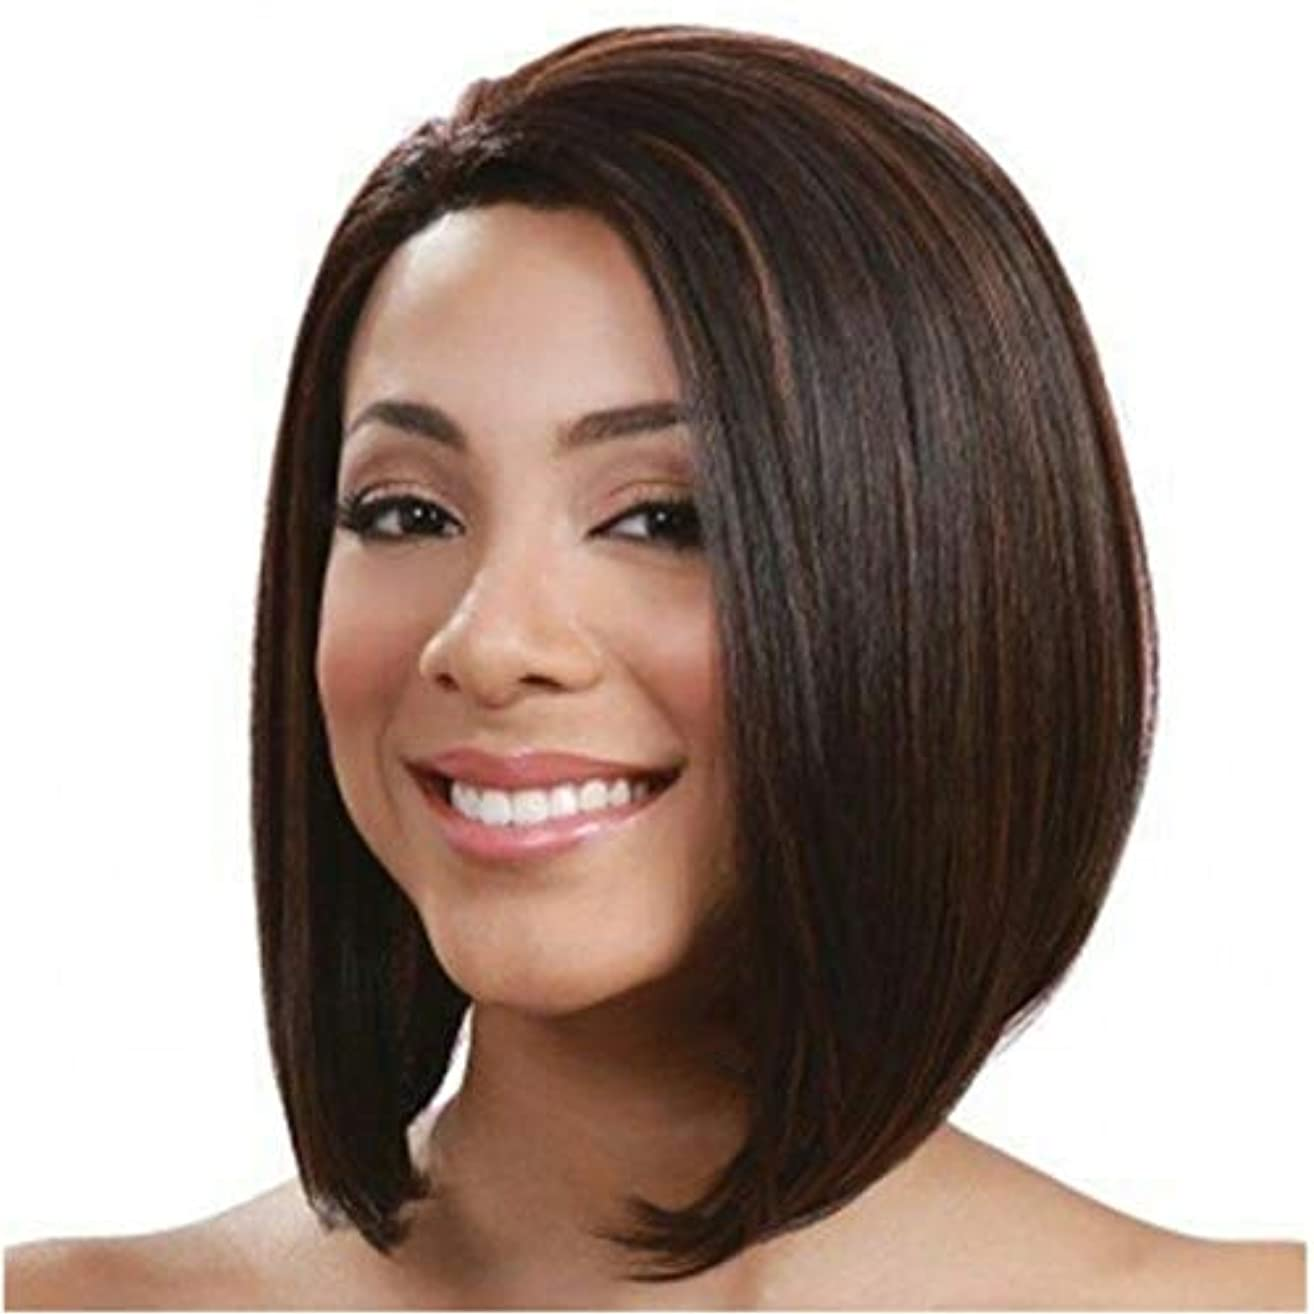 ジョージスティーブンソン白内障まさにSummerys 前髪合成耐熱性女性のヘアスタイルと短いふわふわボブ変態ストレートヘアウィッグ (Color : Navy brown)